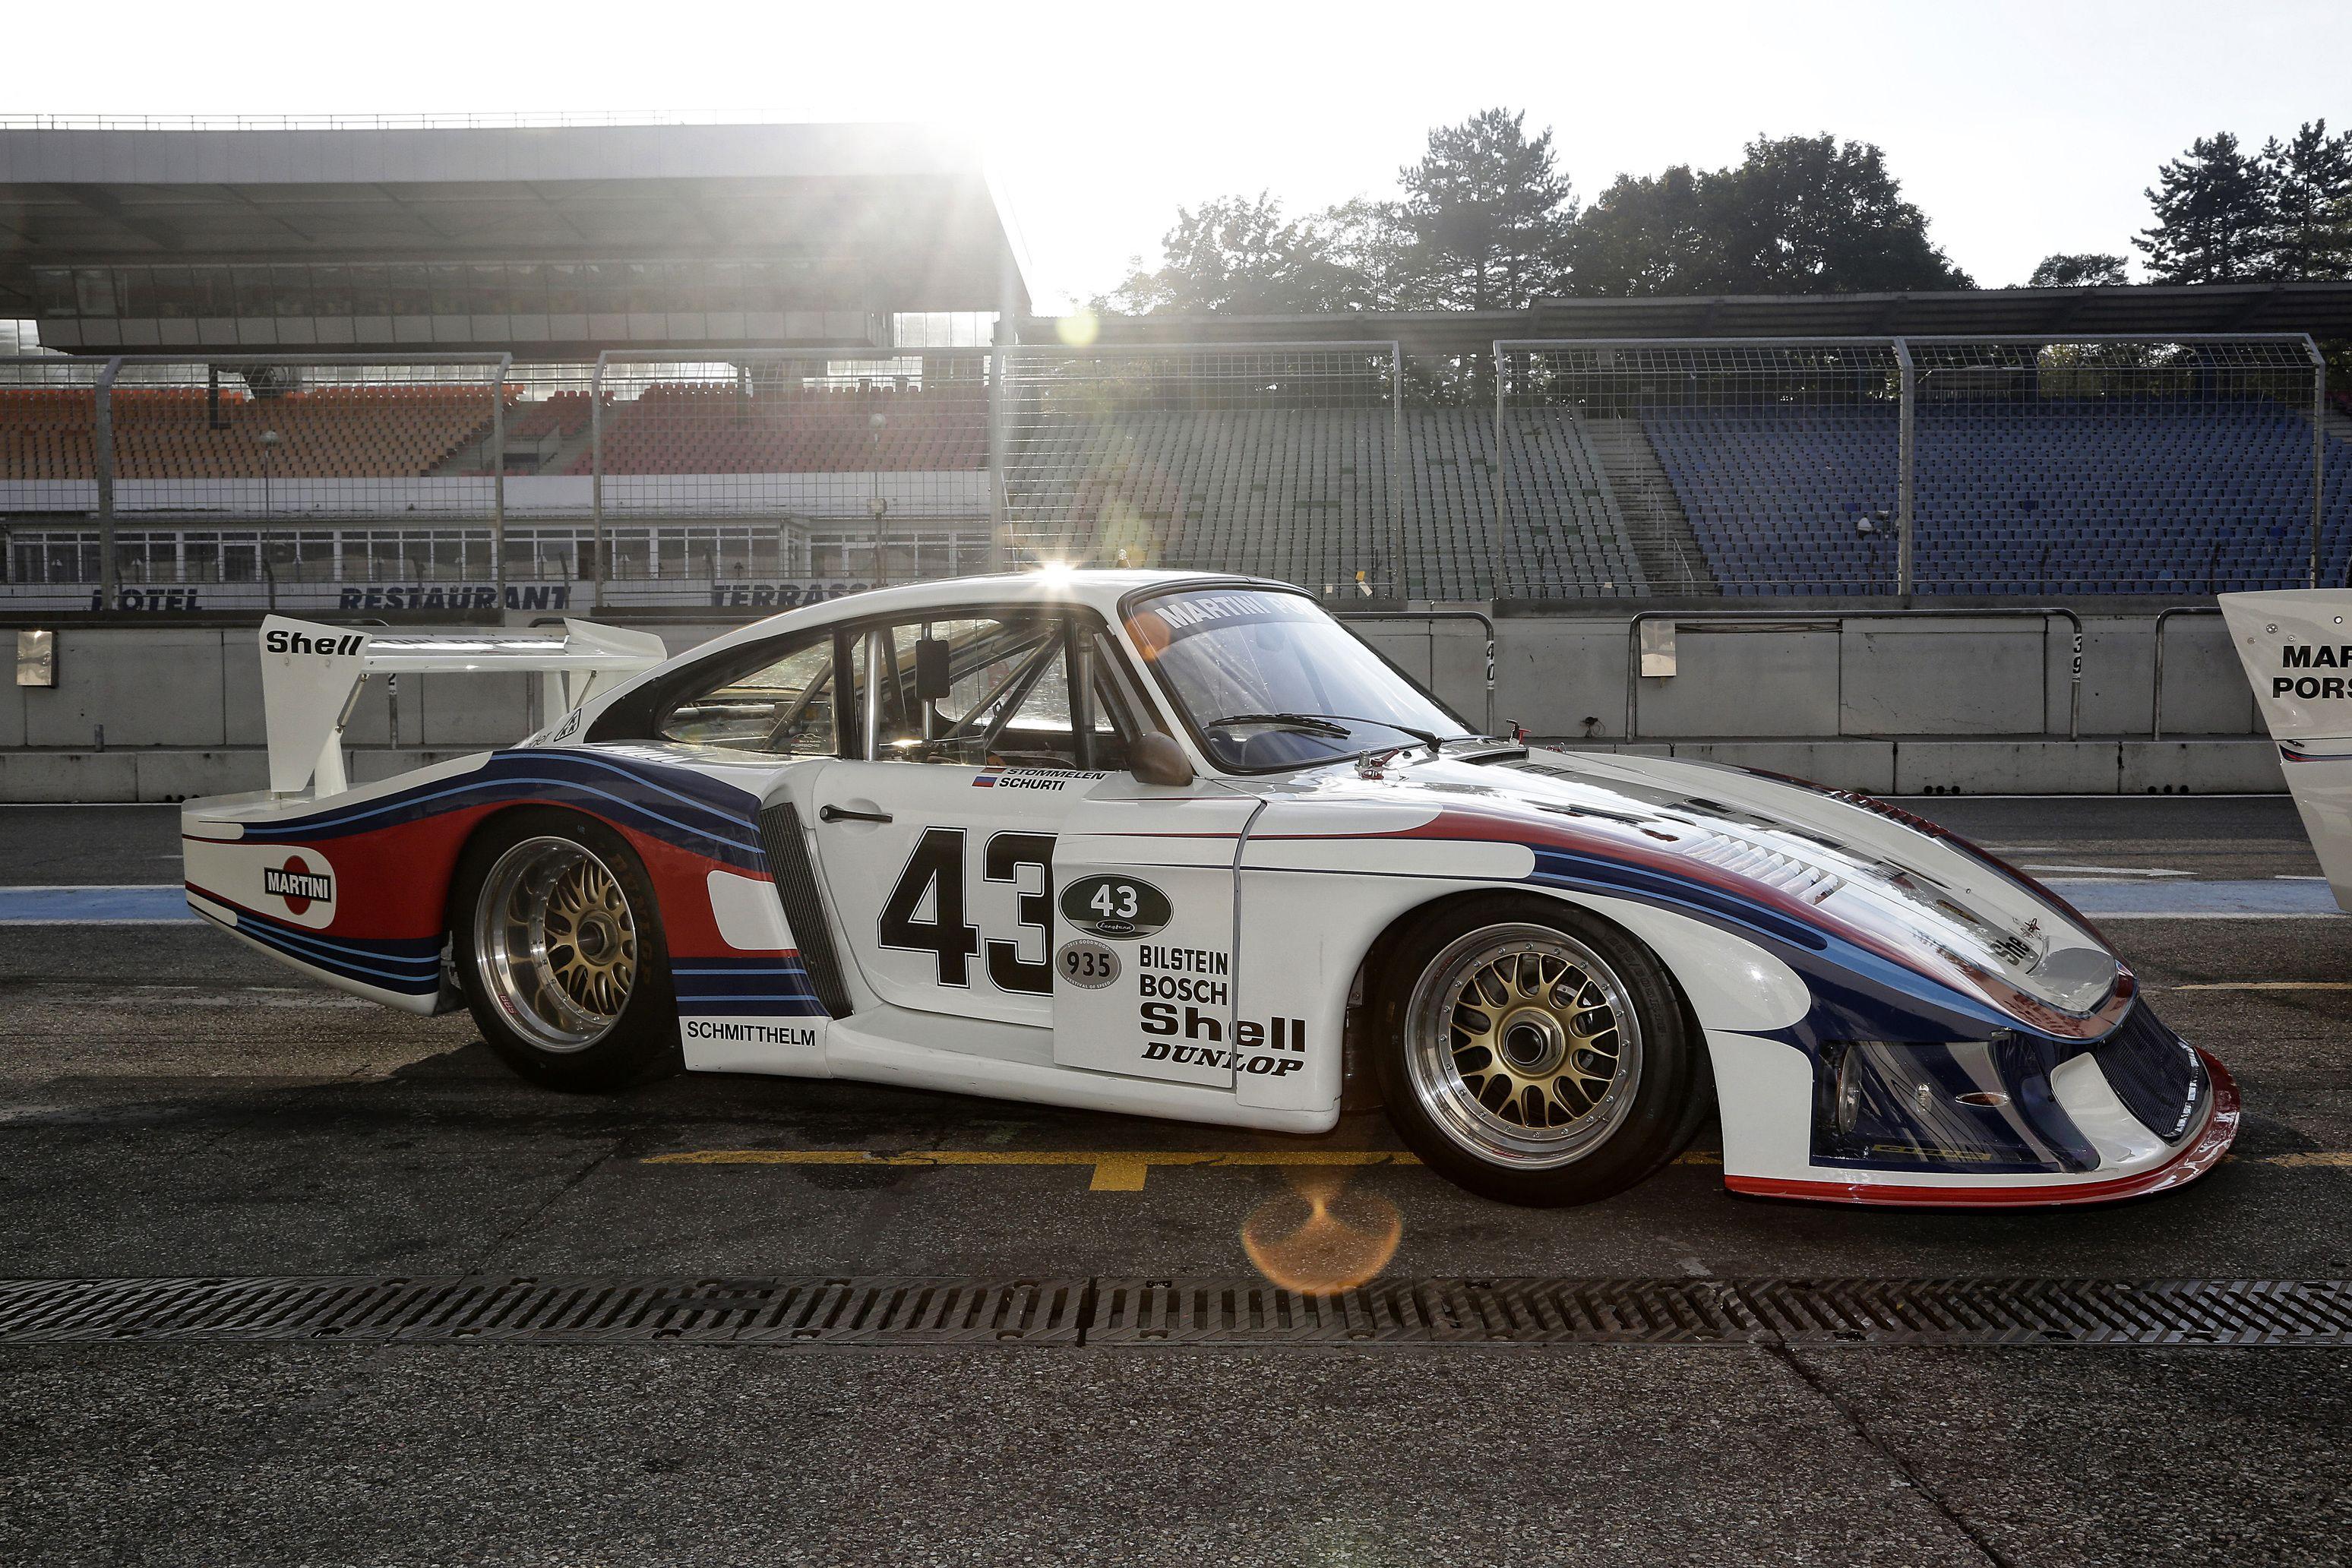 Http Www Supercars Net Gallery 119513 3057 1077590 3096 Jpg Porsche 935 Porsche Porsche Motorsport